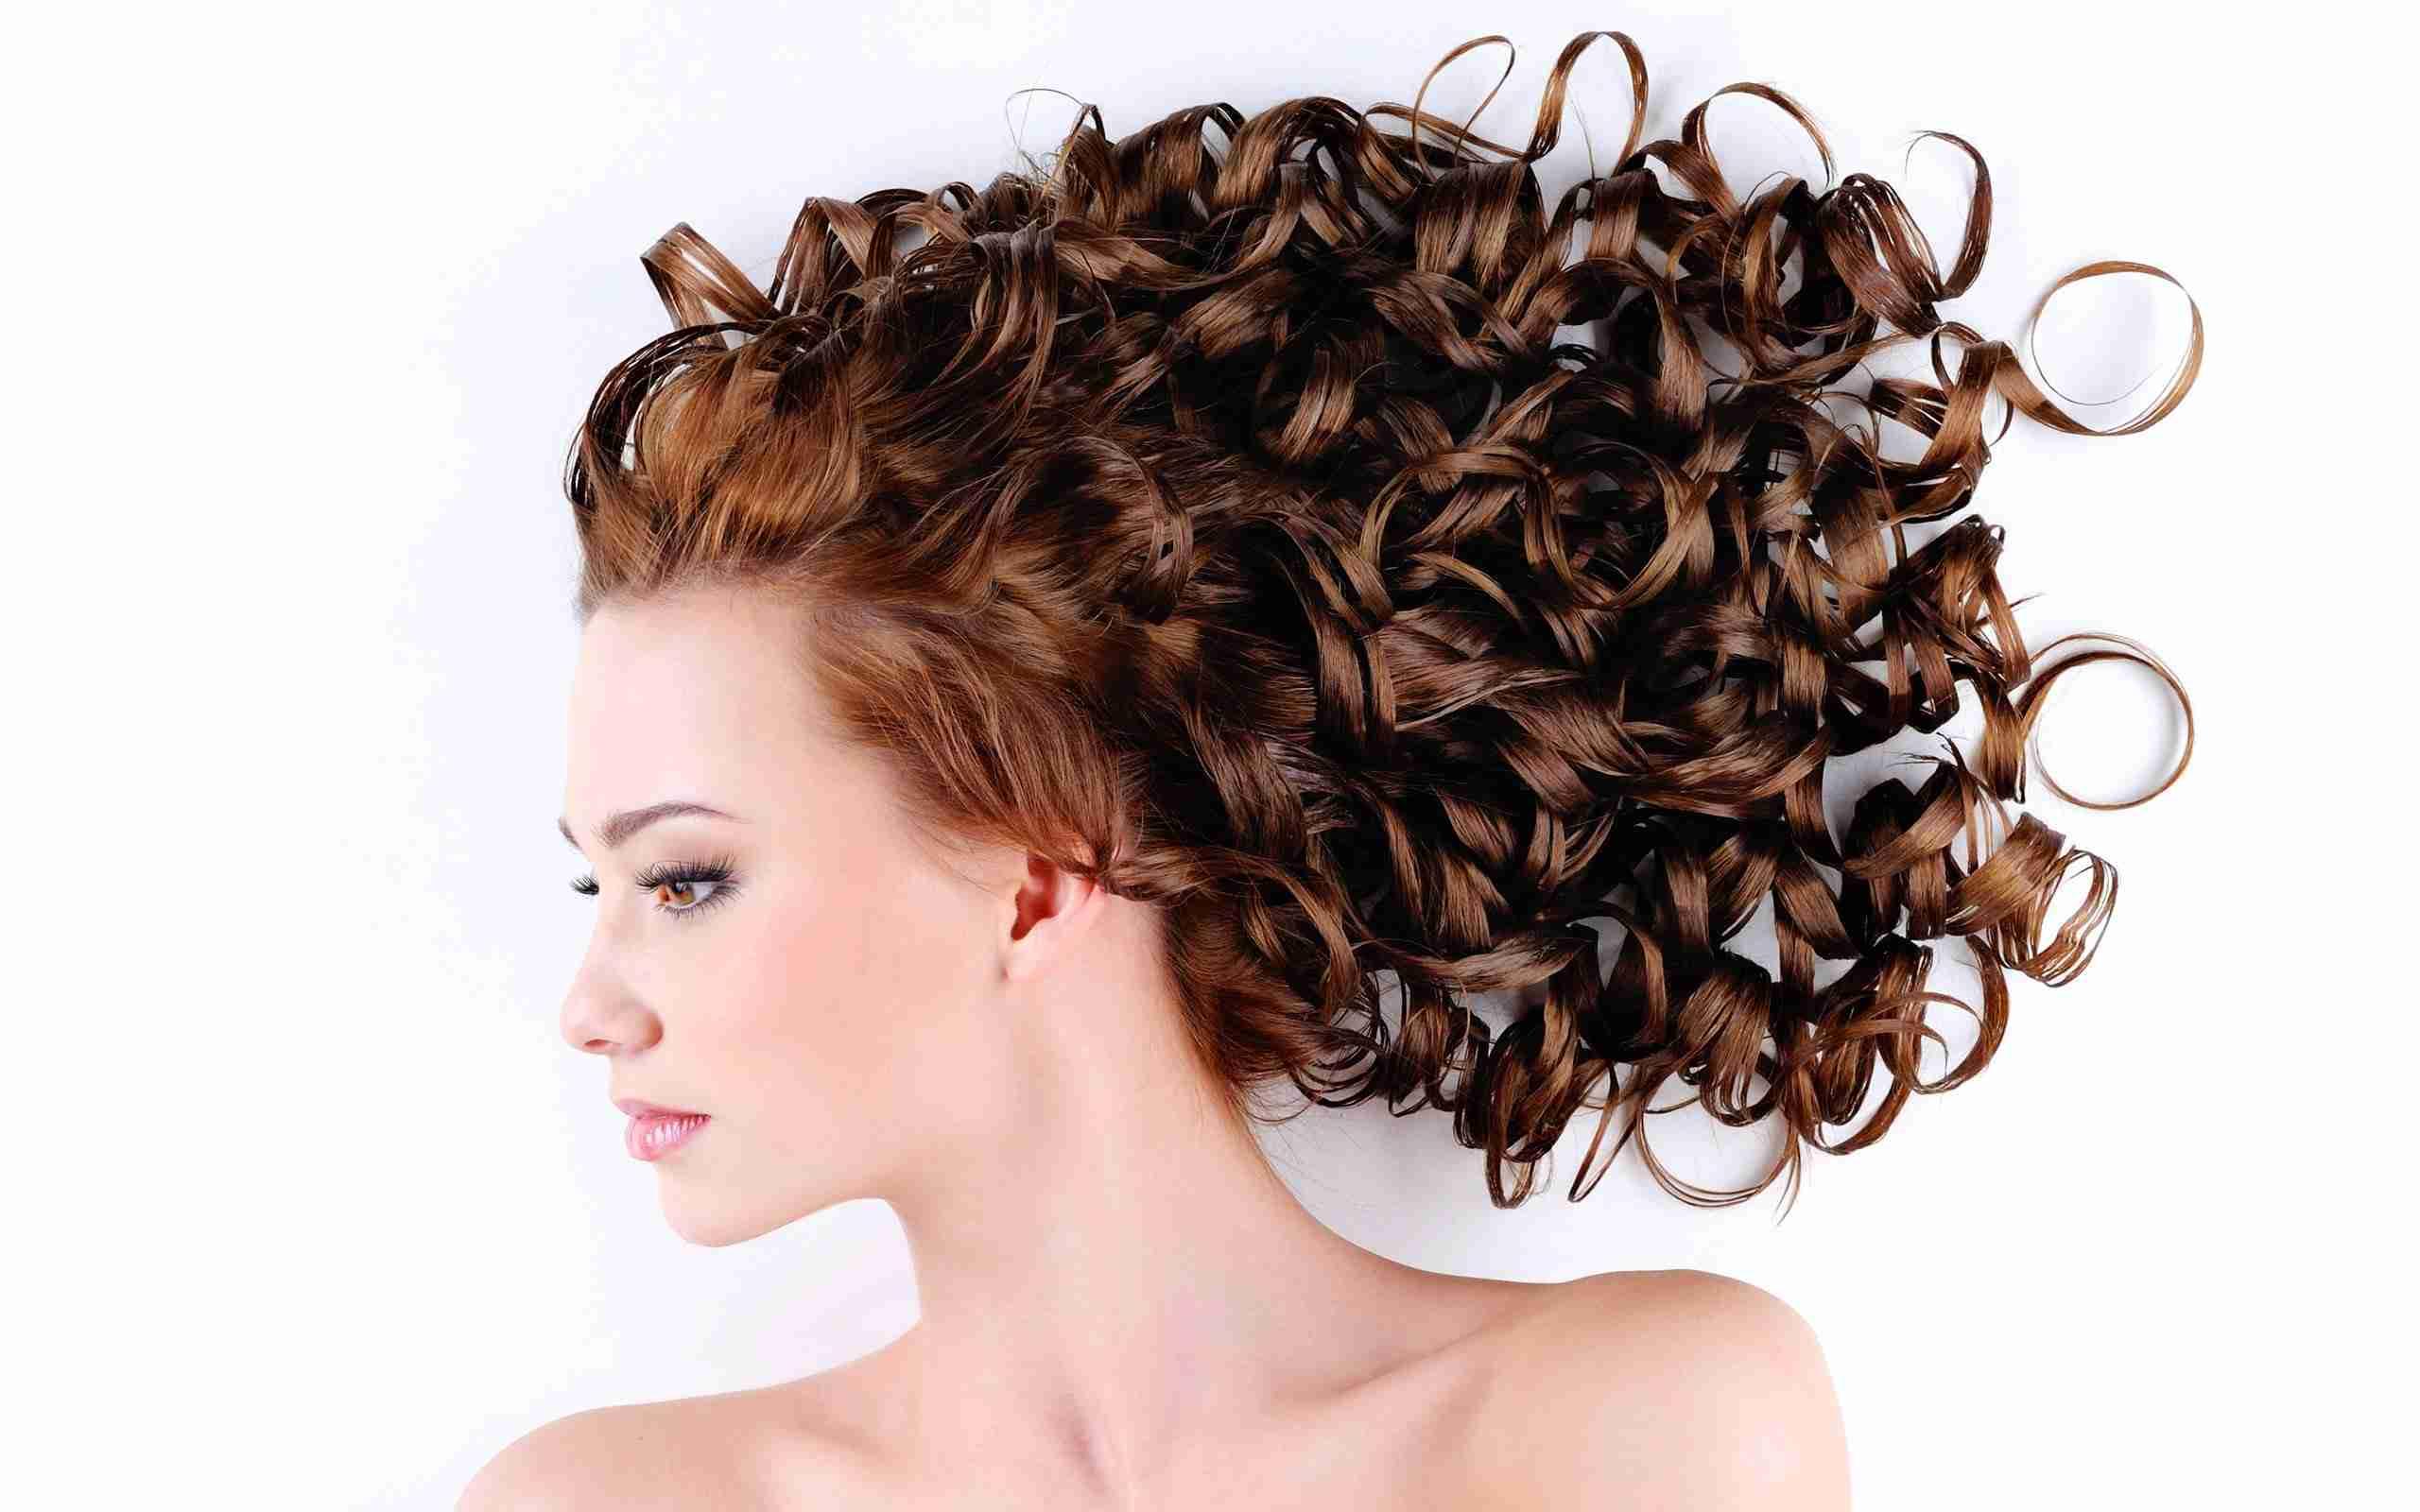 hidratação caseira cabelos